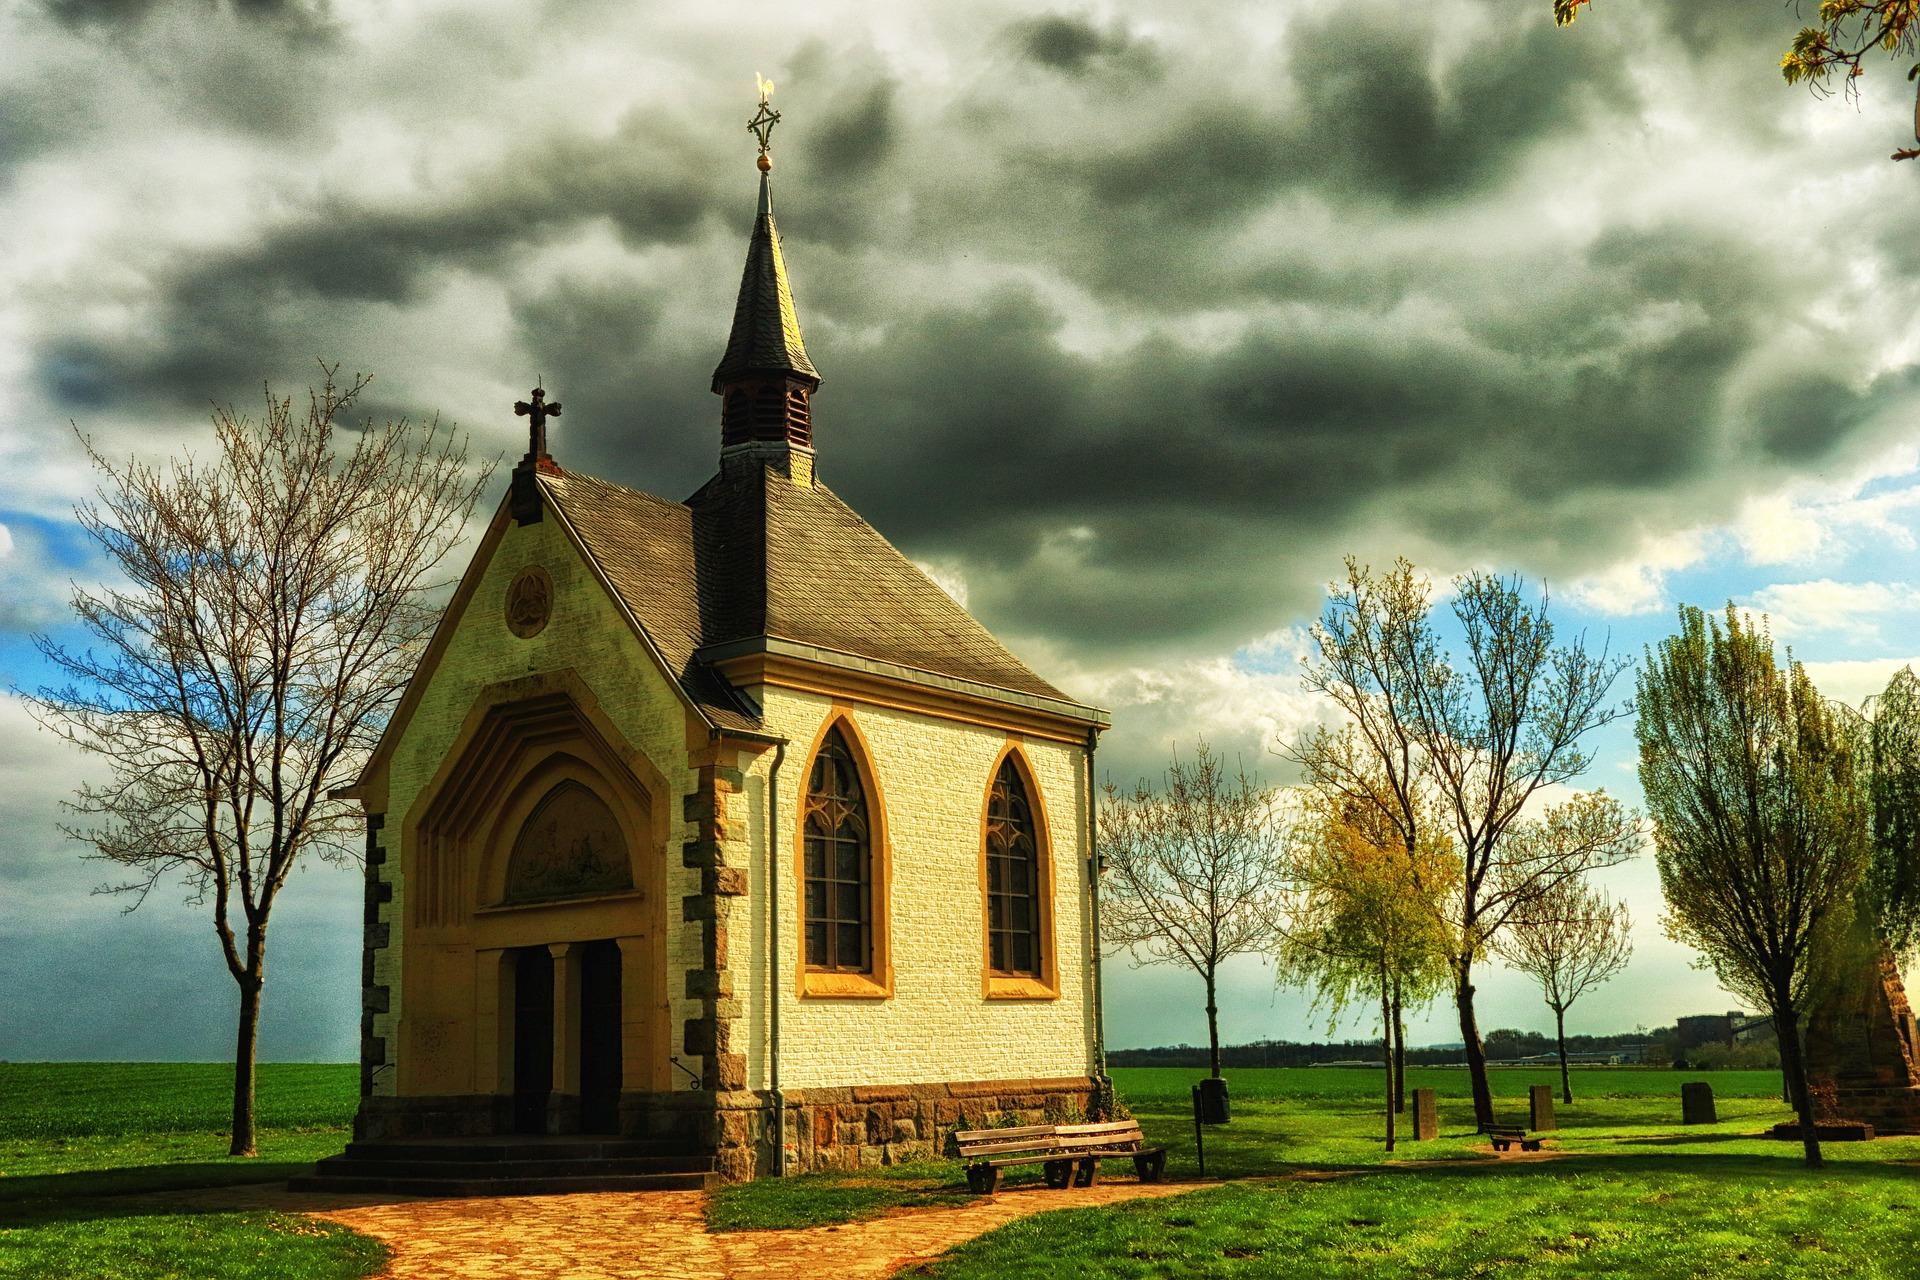 chapel-2230876_1920.jpg